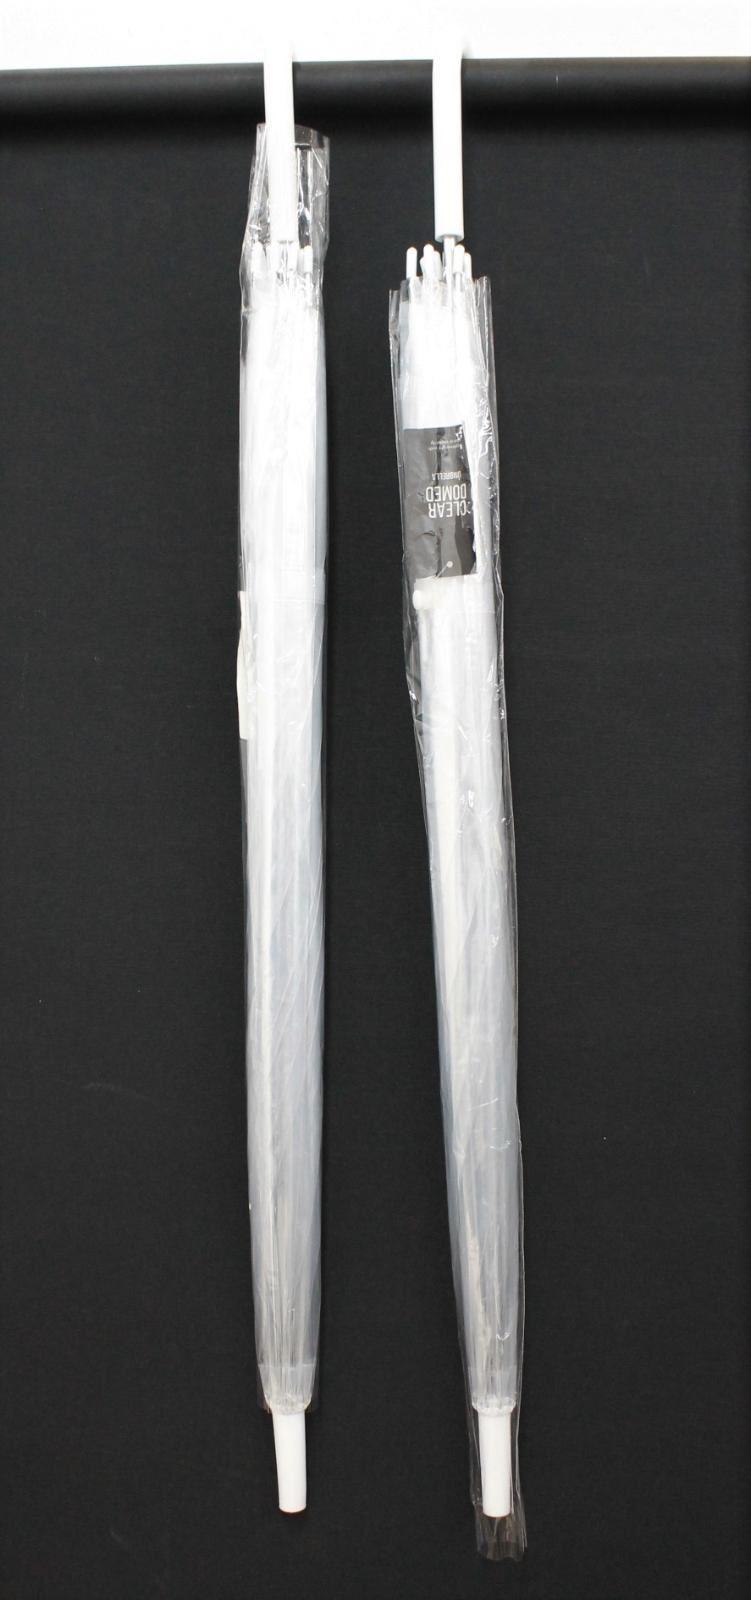 2 X Trasparente A Cupola Con Grande Cupola Trasparente Chiaro Ombrello Leggero Nuovo-mostra Il Titolo Originale Fissare I Prezzi In Base Alla Qualità Dei Prodotti